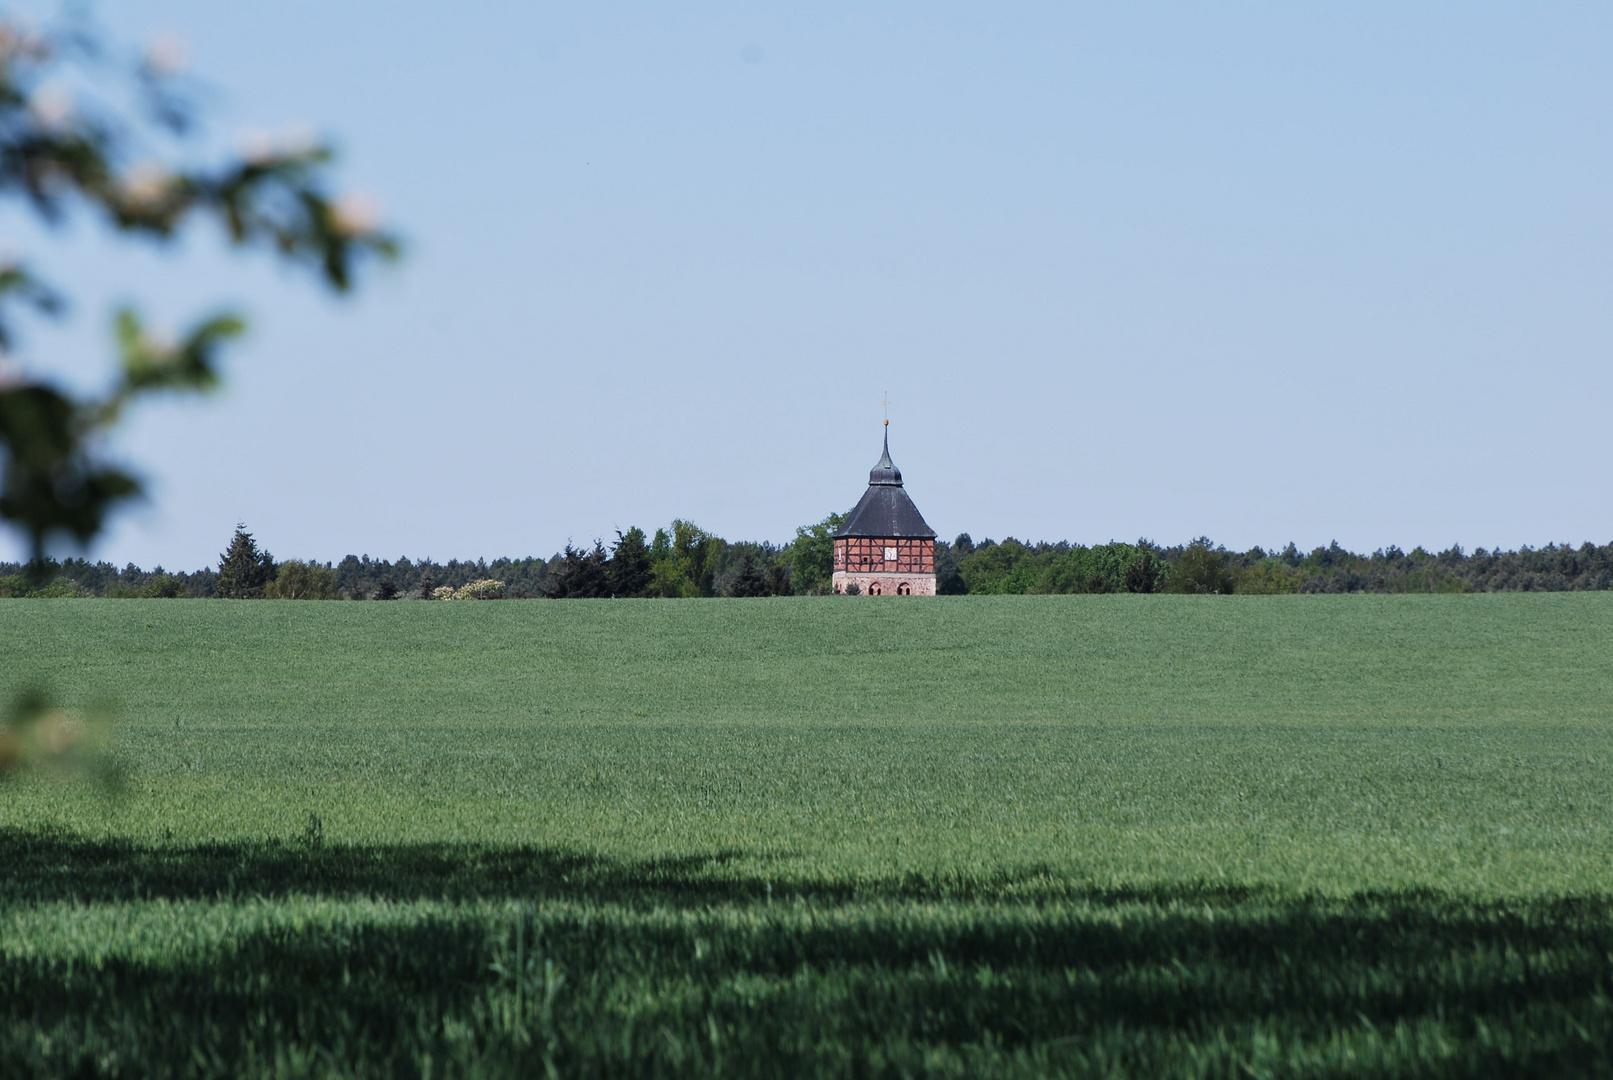 Kirche in Groß Schönebeck 2